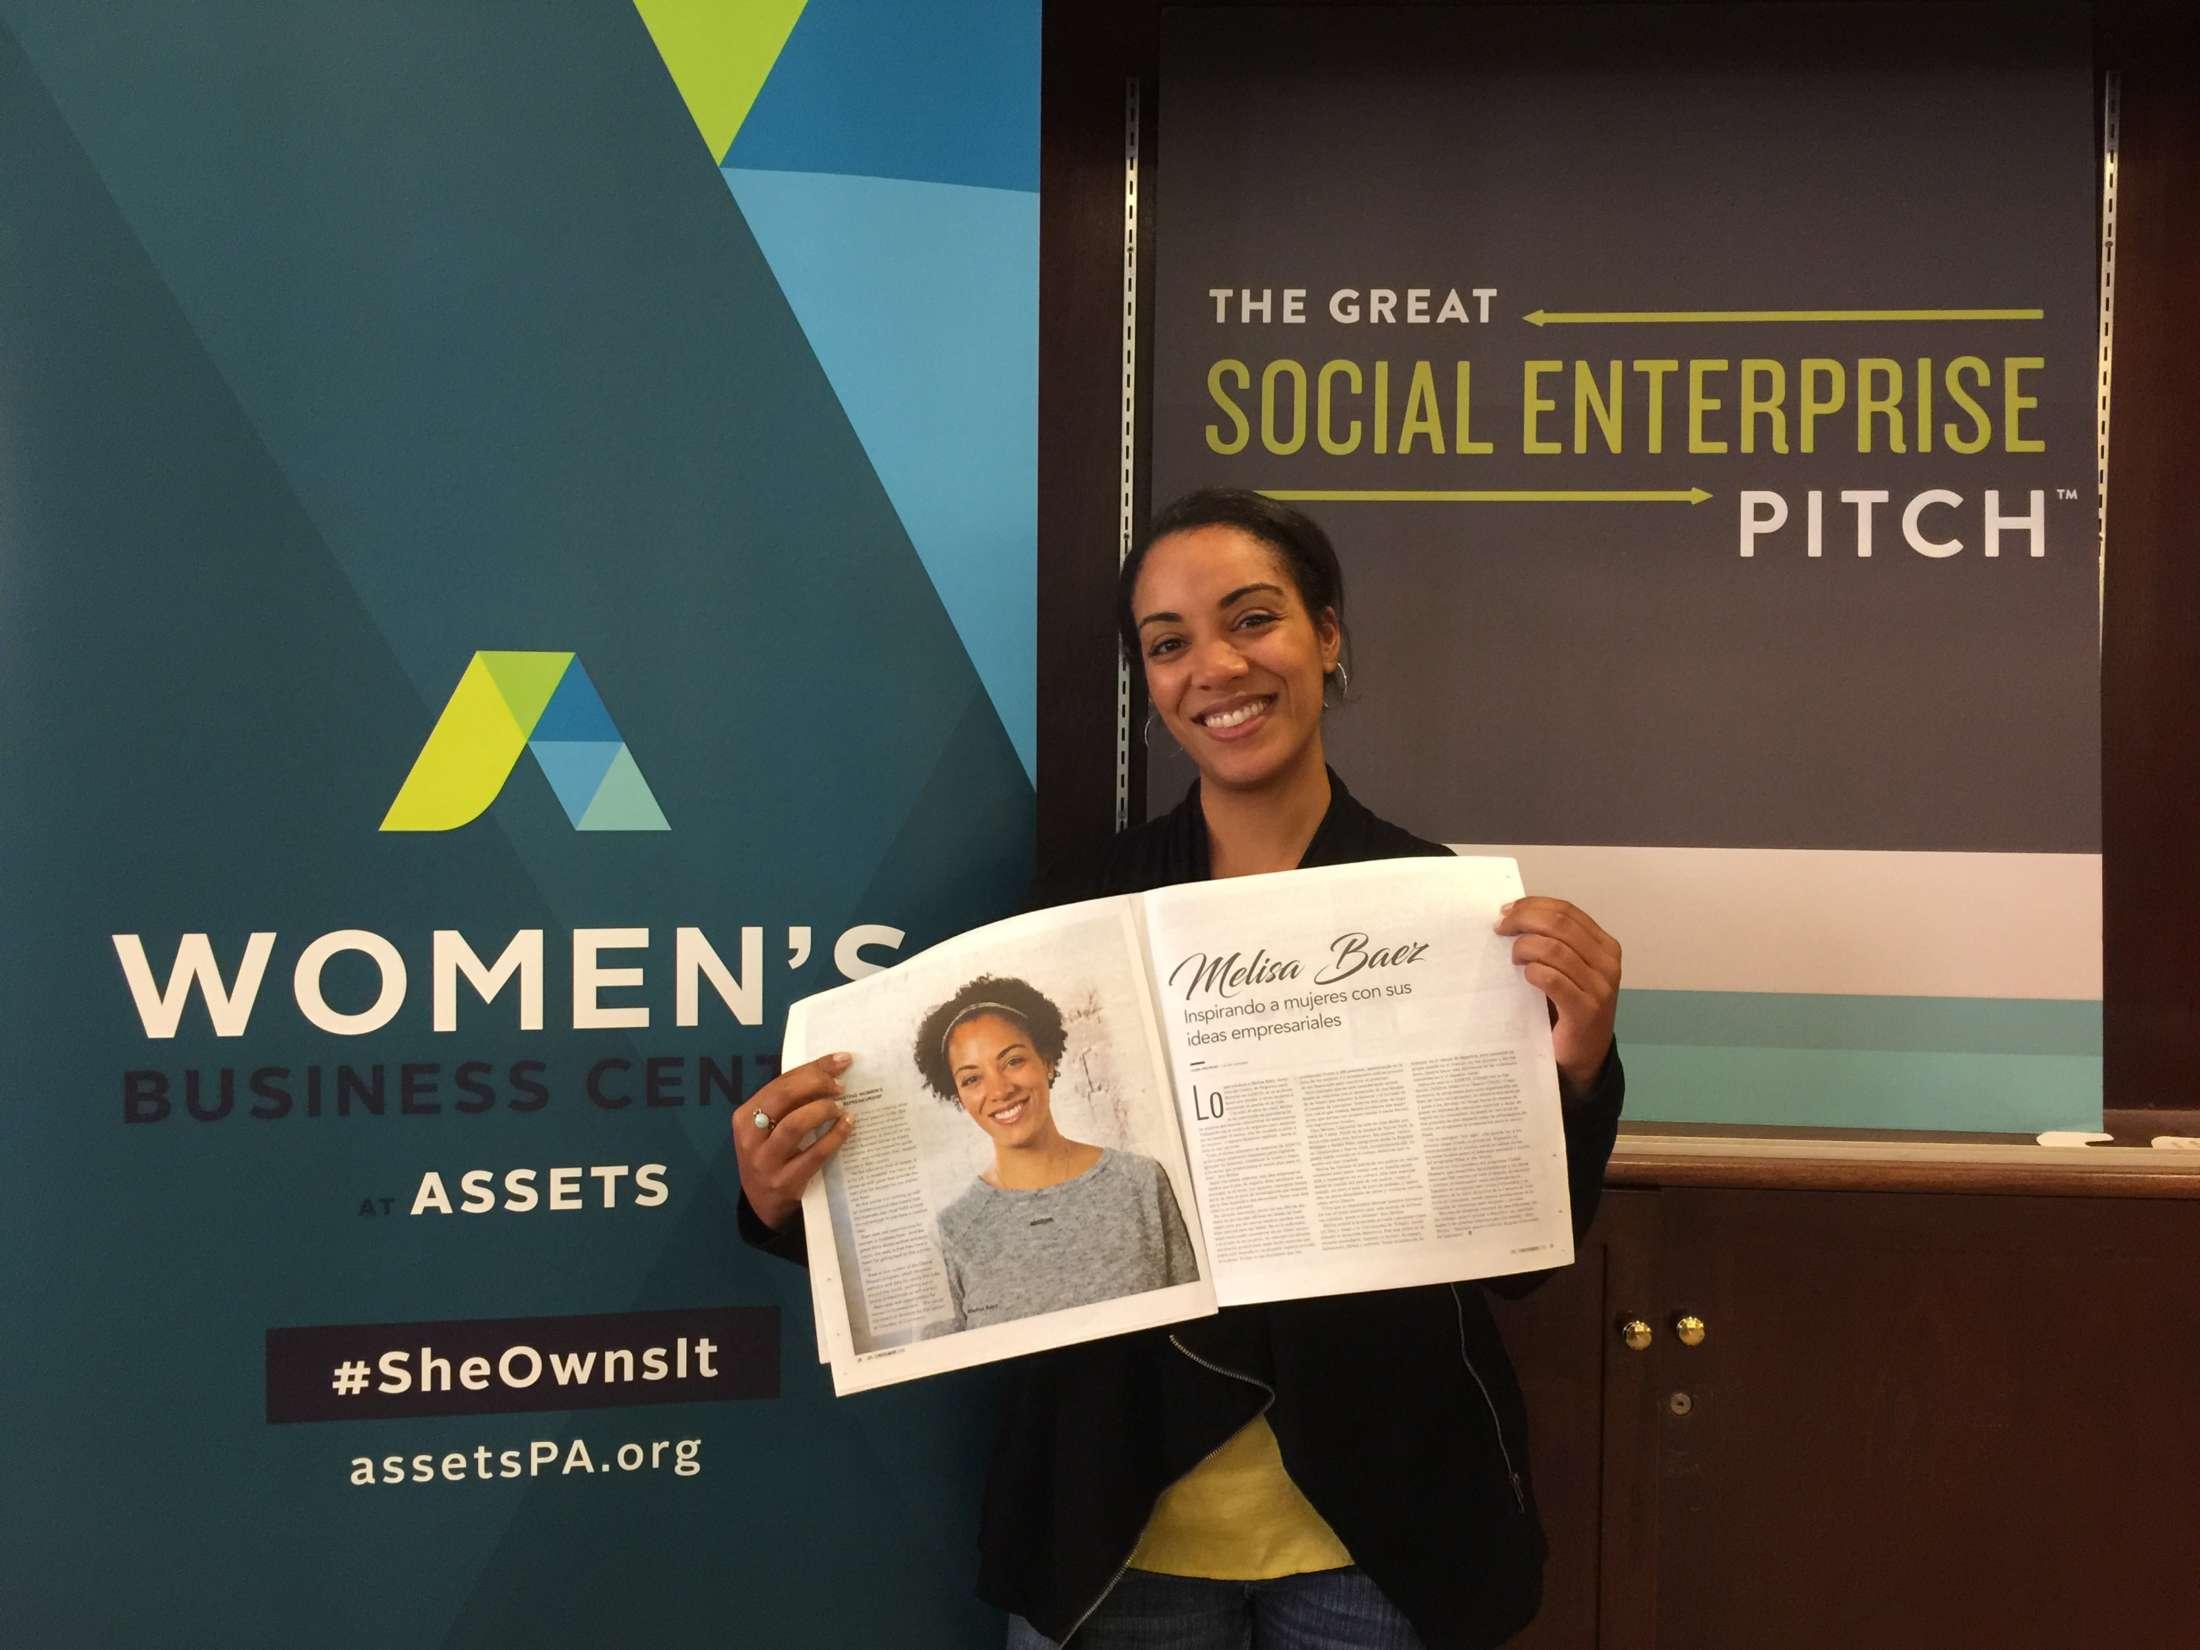 Melisa Baez, Director of Women's Business Center in Lancaster, PA, featured in La Voz